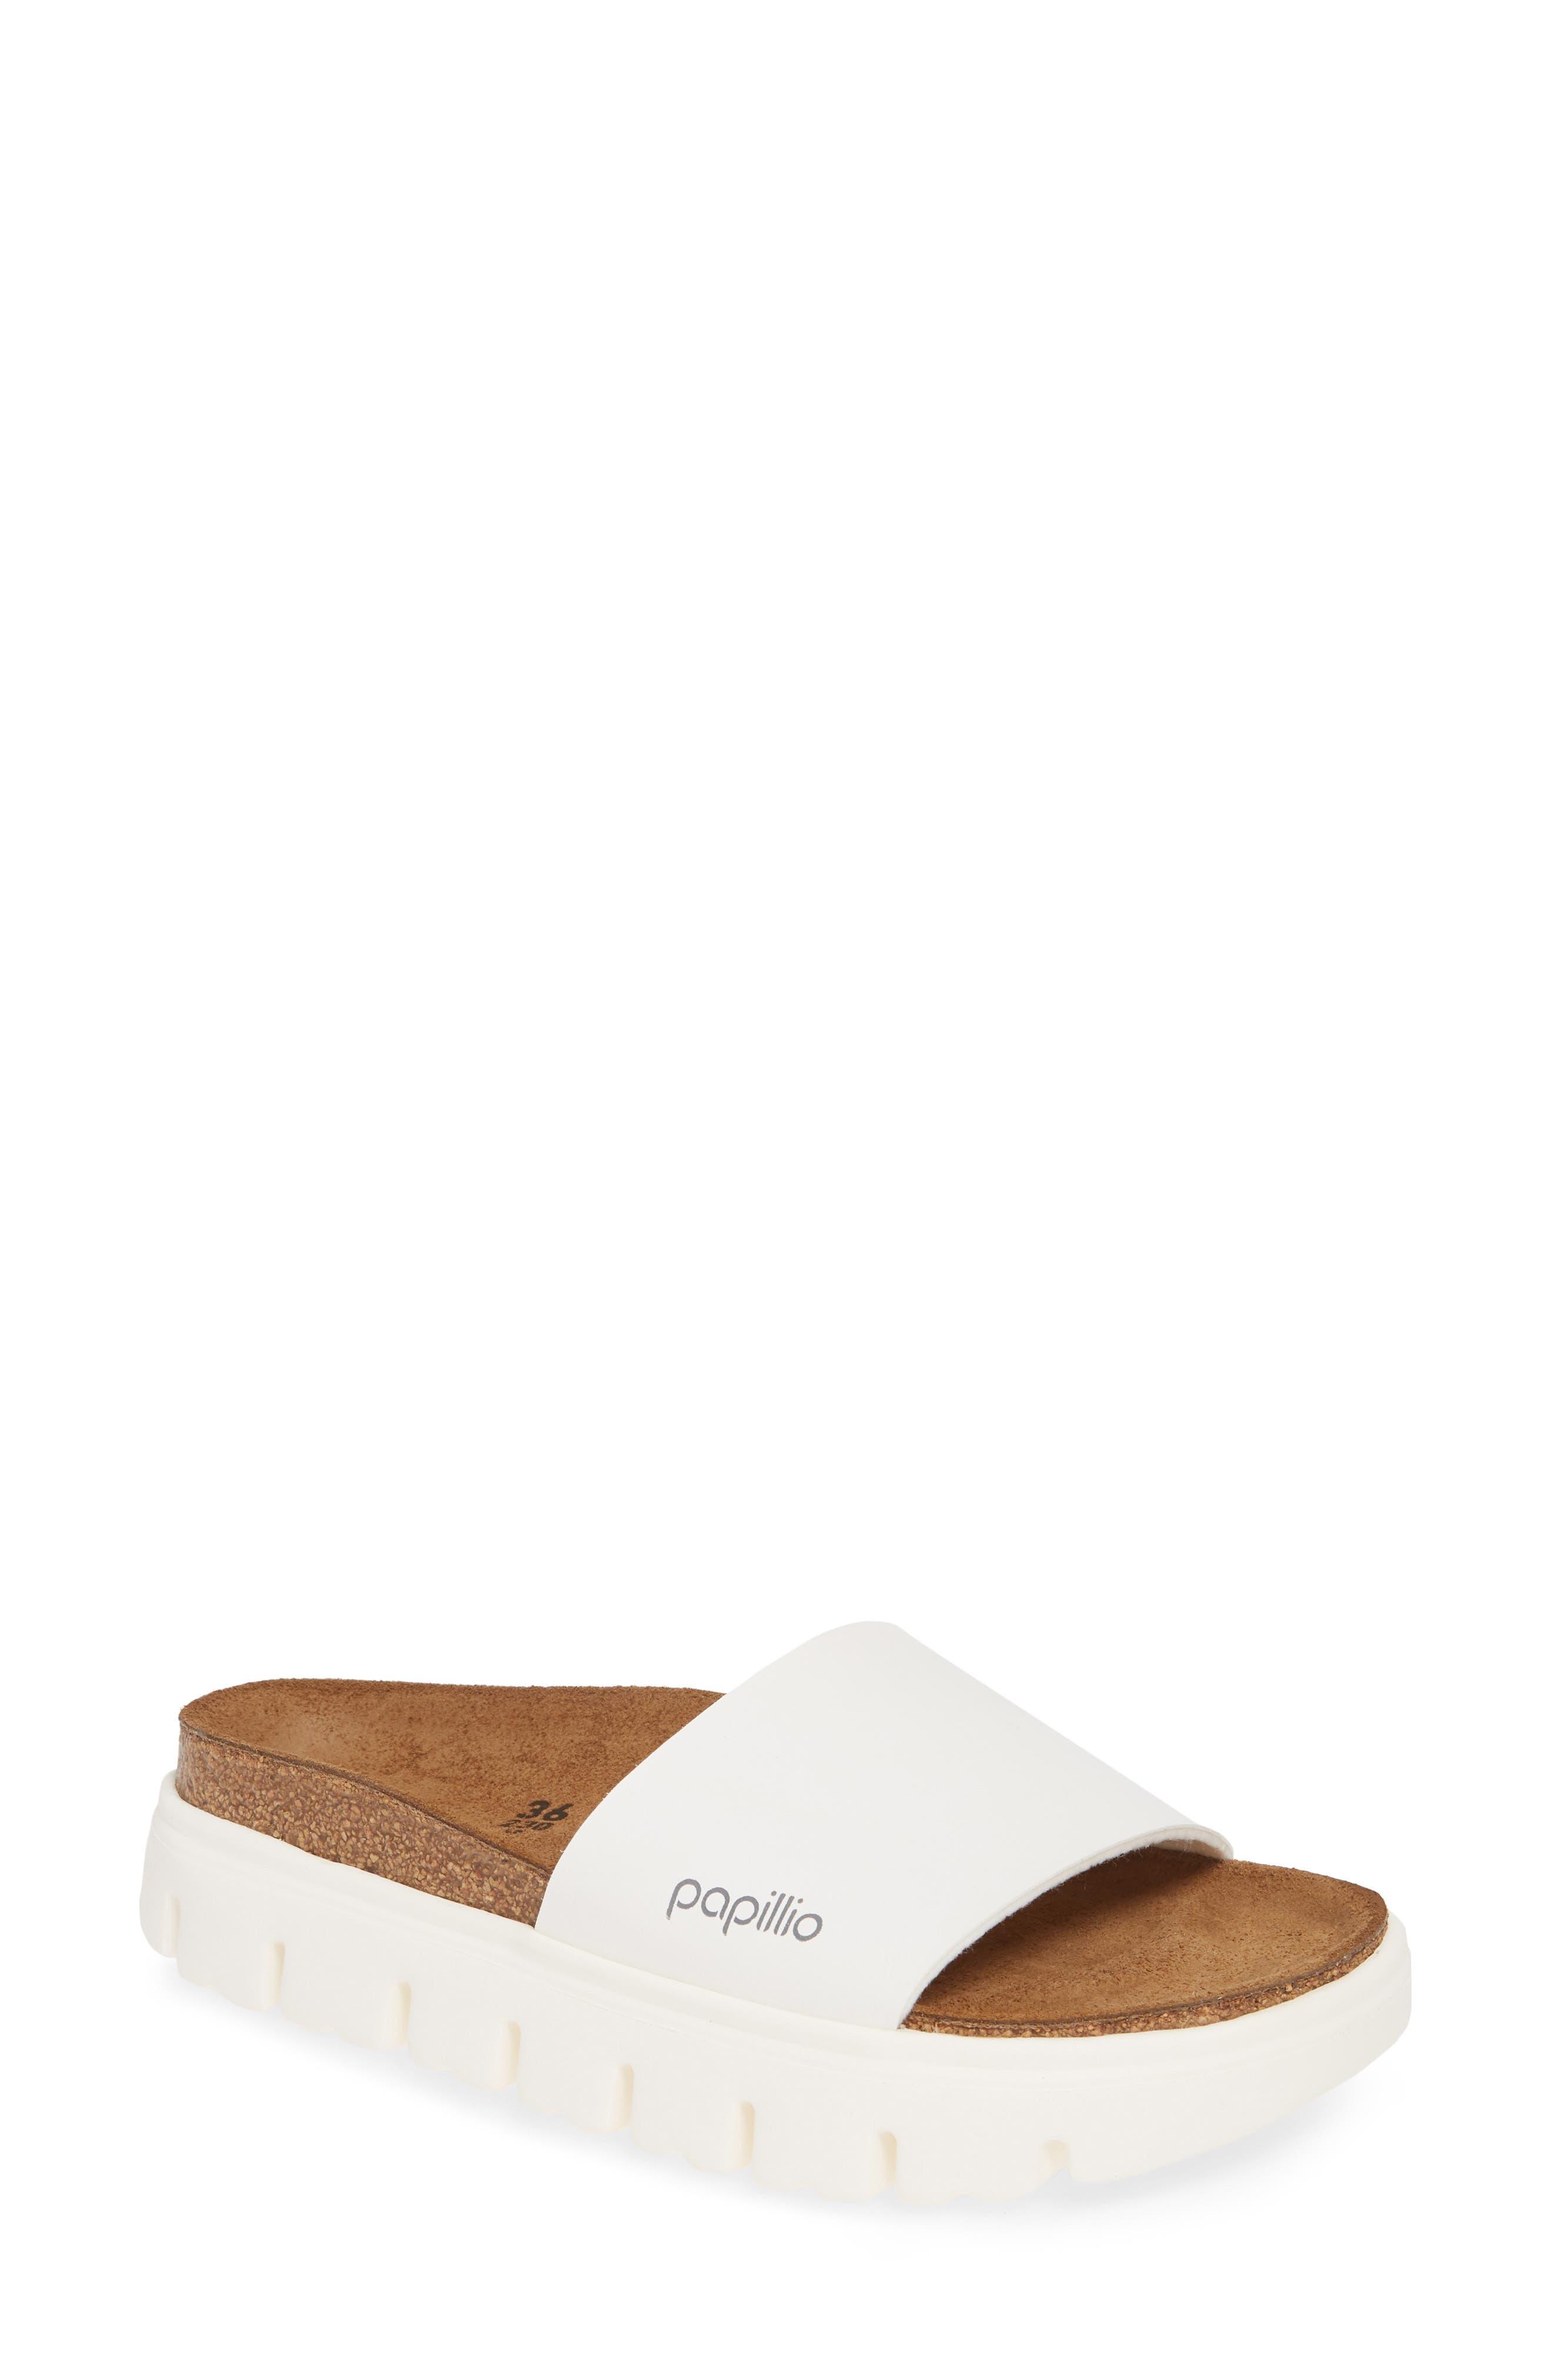 Papillio By Birkenstock Cora Slide Sandal, White